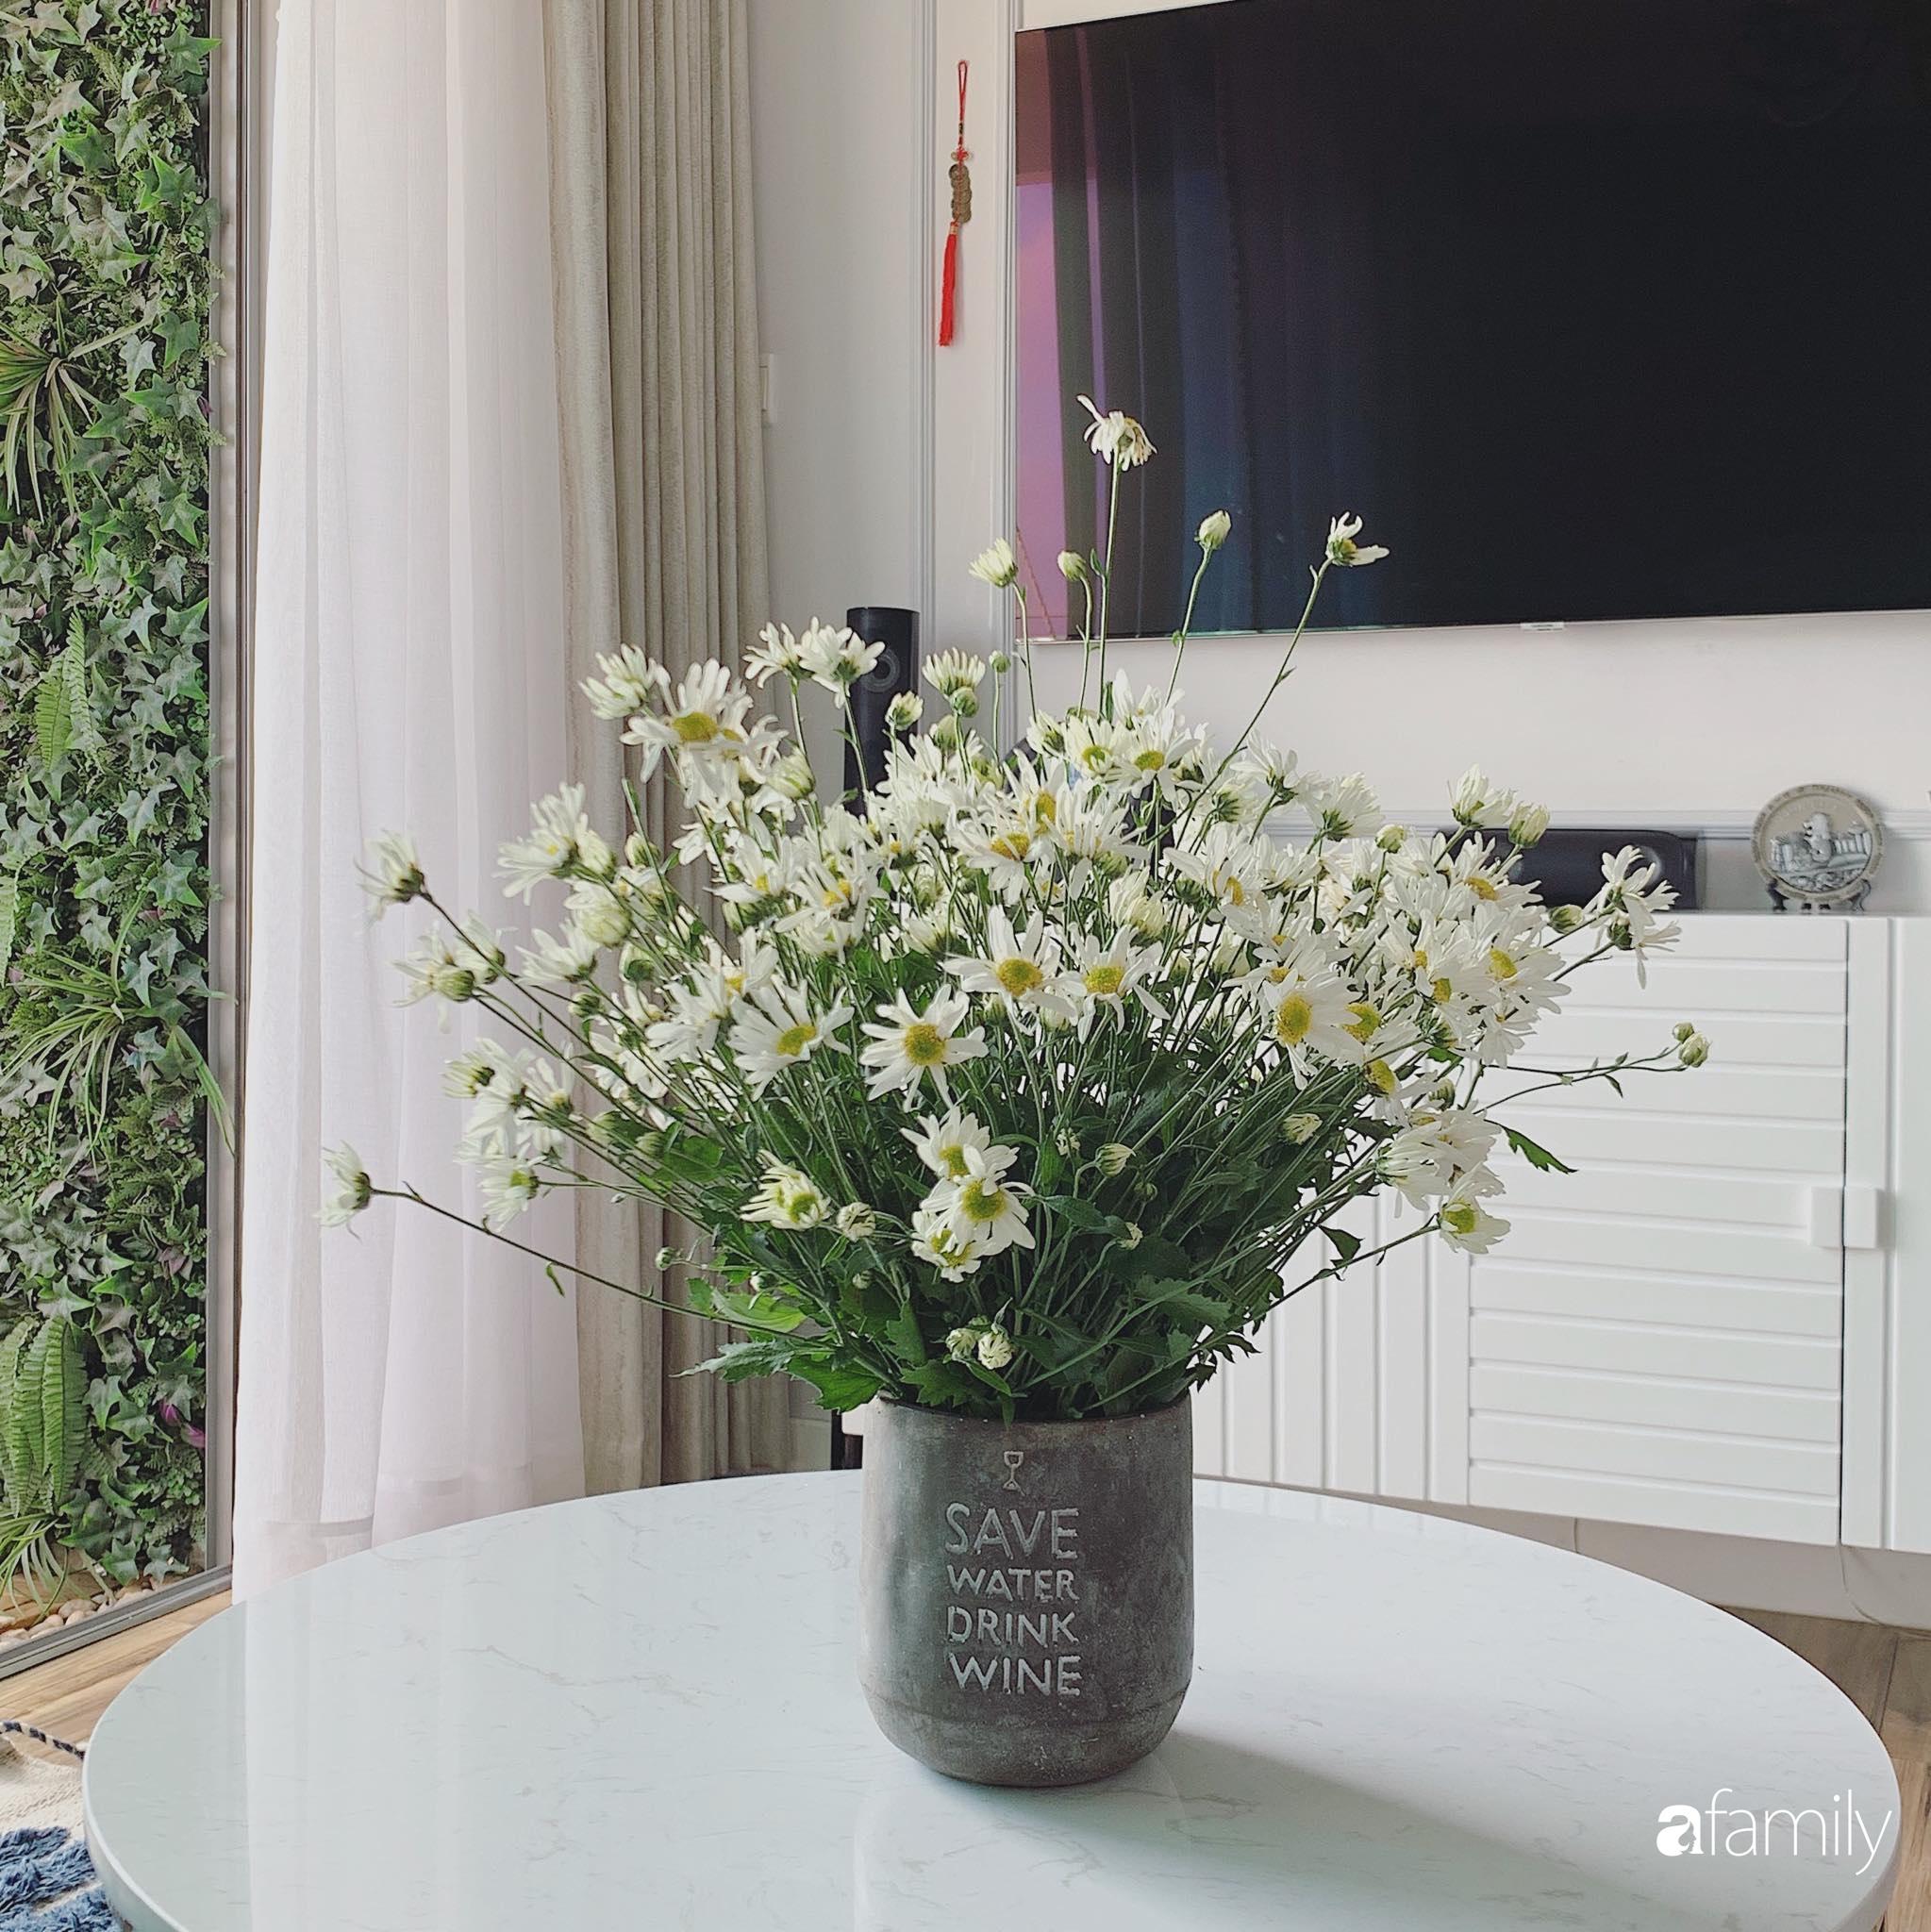 Căn hộ 92m² với góc nào cũng đẹp như trong tạp chí nước ngoài của gia chủ yêu thích trang trí nội thất ở Sài Gòn - Ảnh 7.